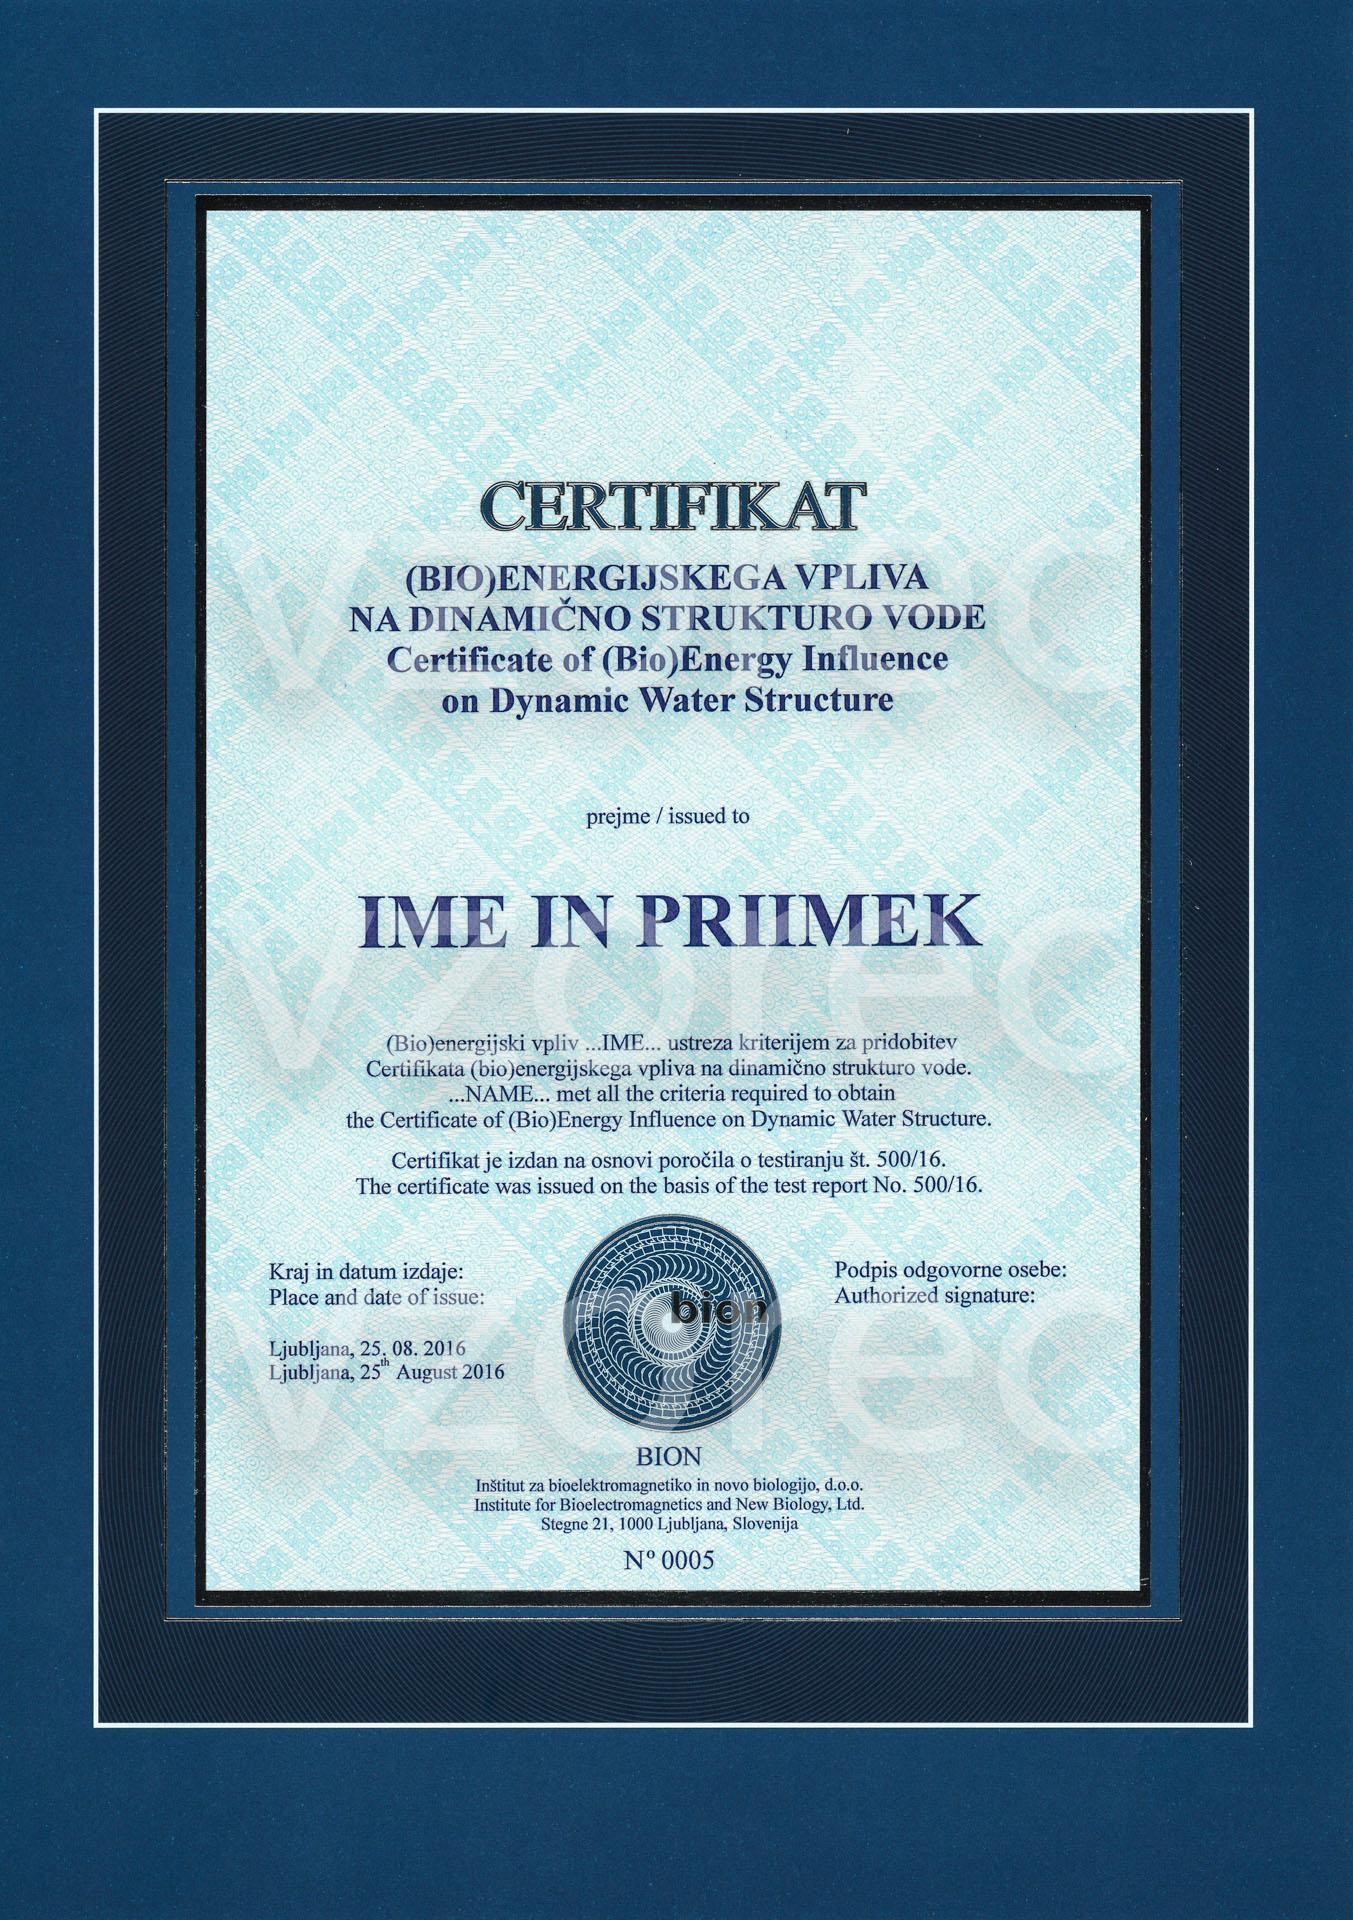 institut_bion_certifikat_bioenergijskega_vpliva_na_vodo